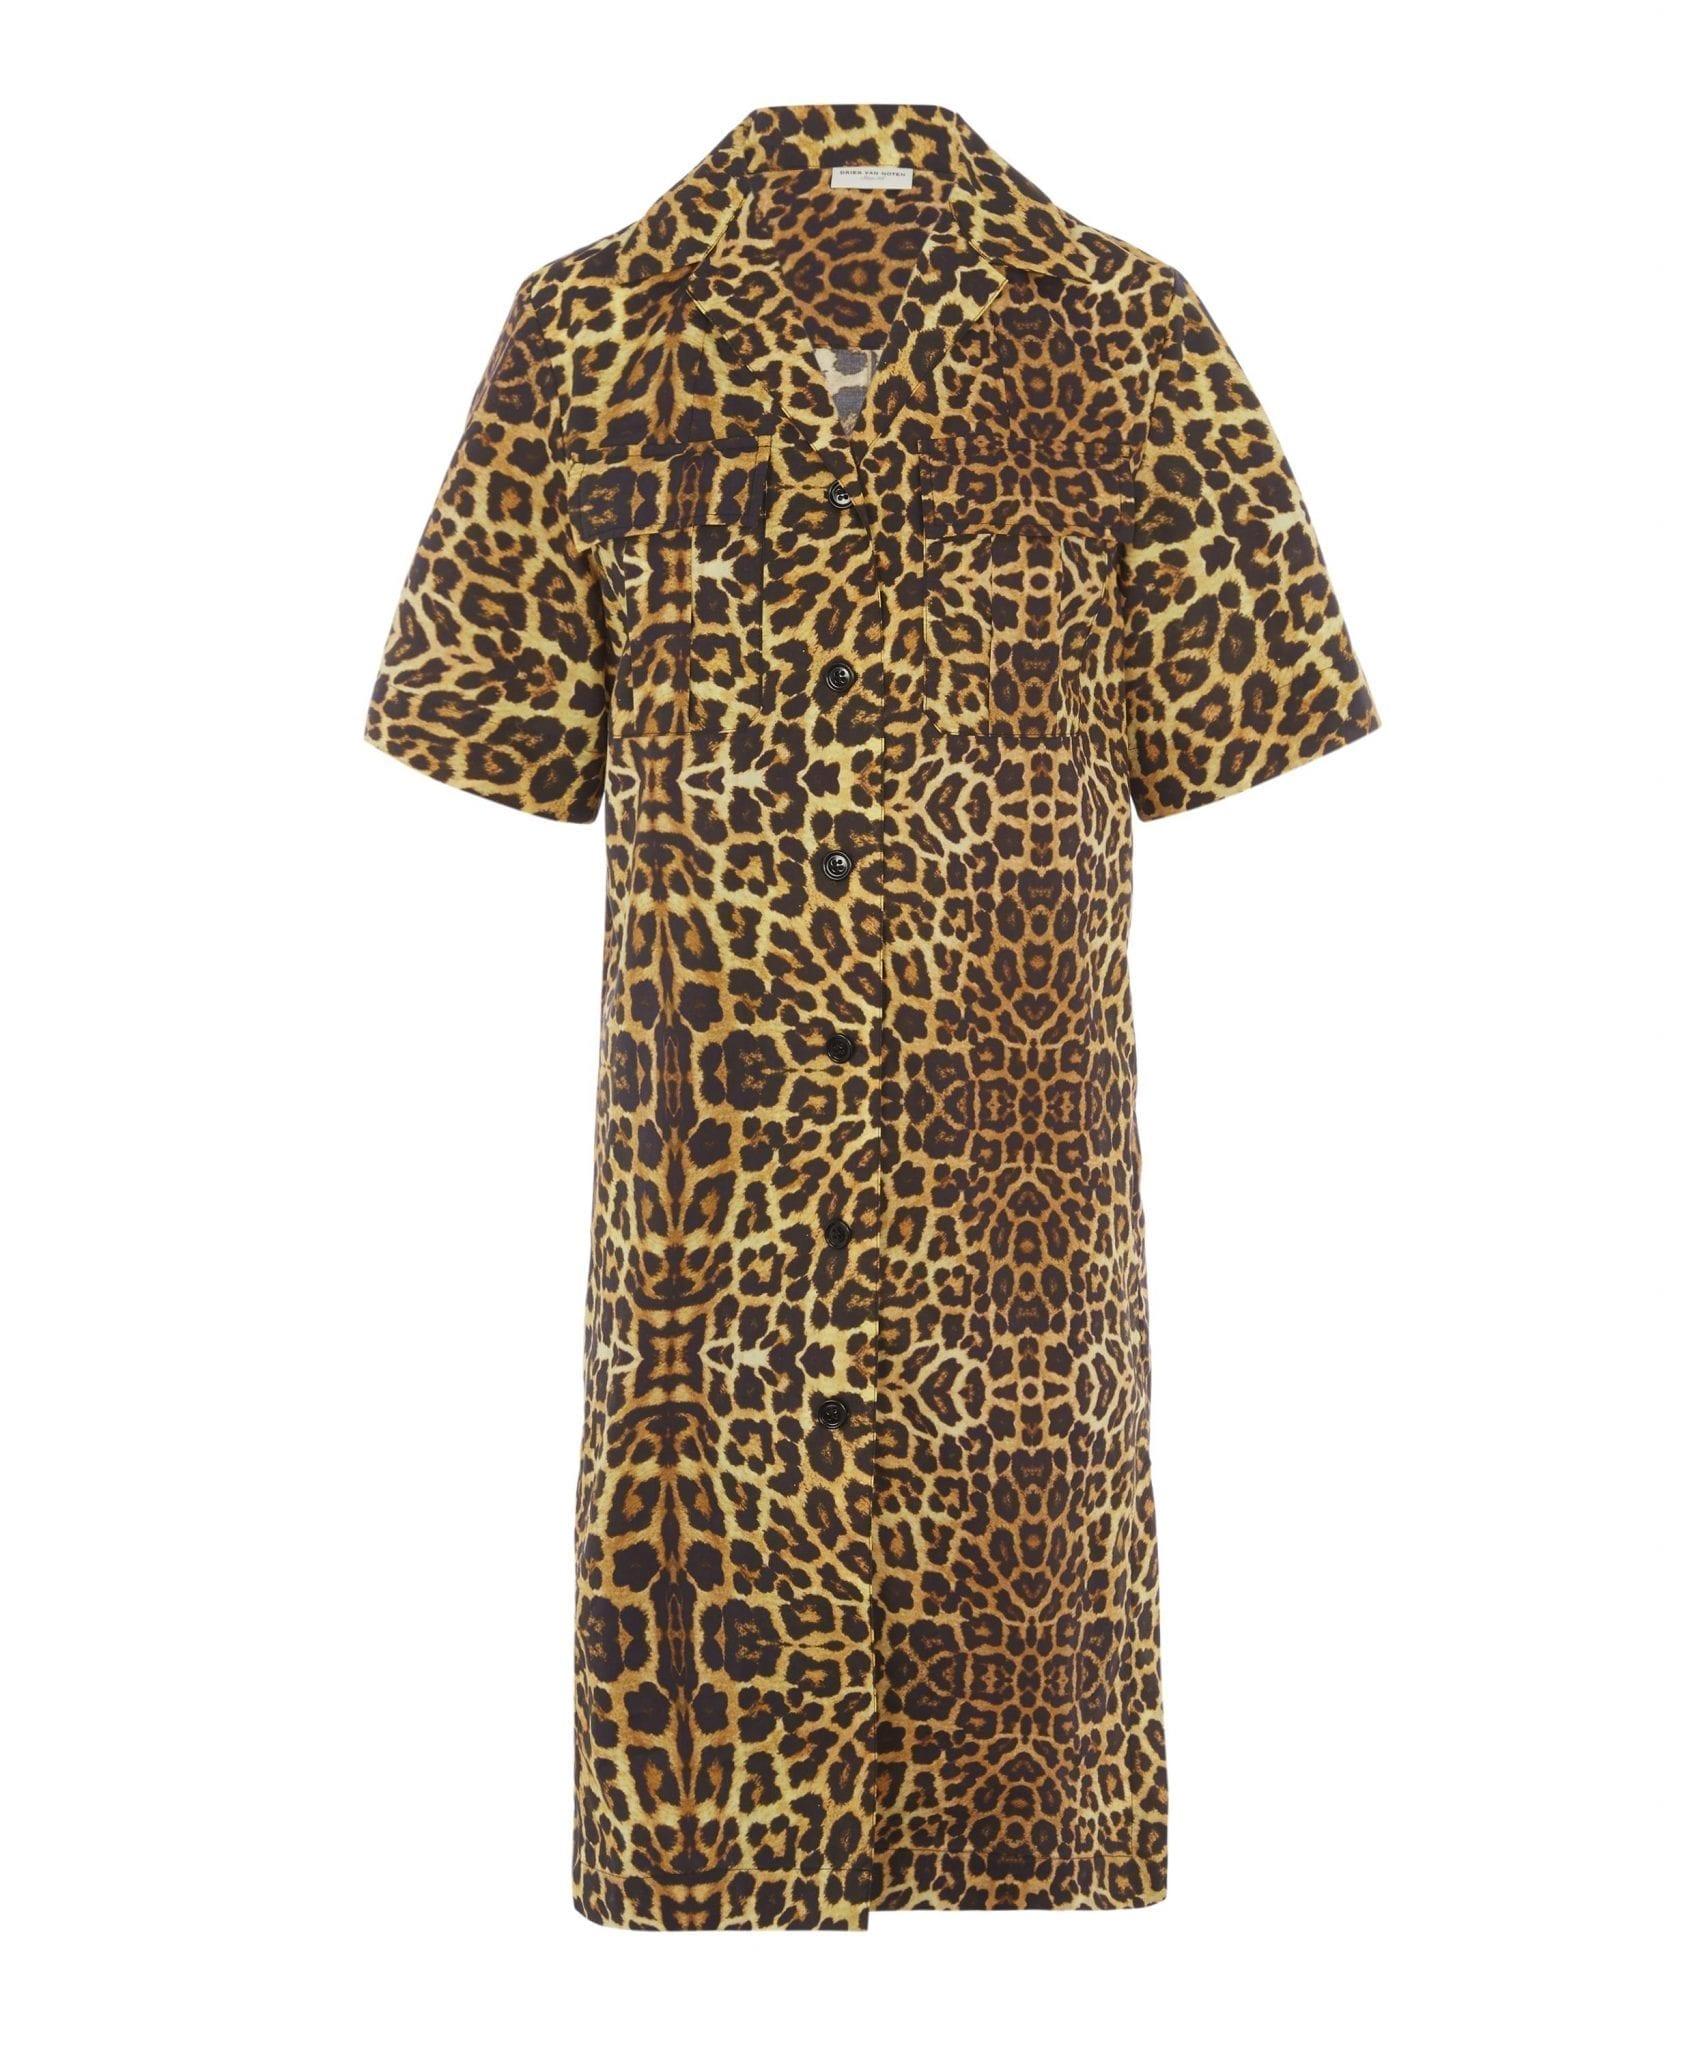 DRIES VAN NOTEN Leopard Print Shirt Dress